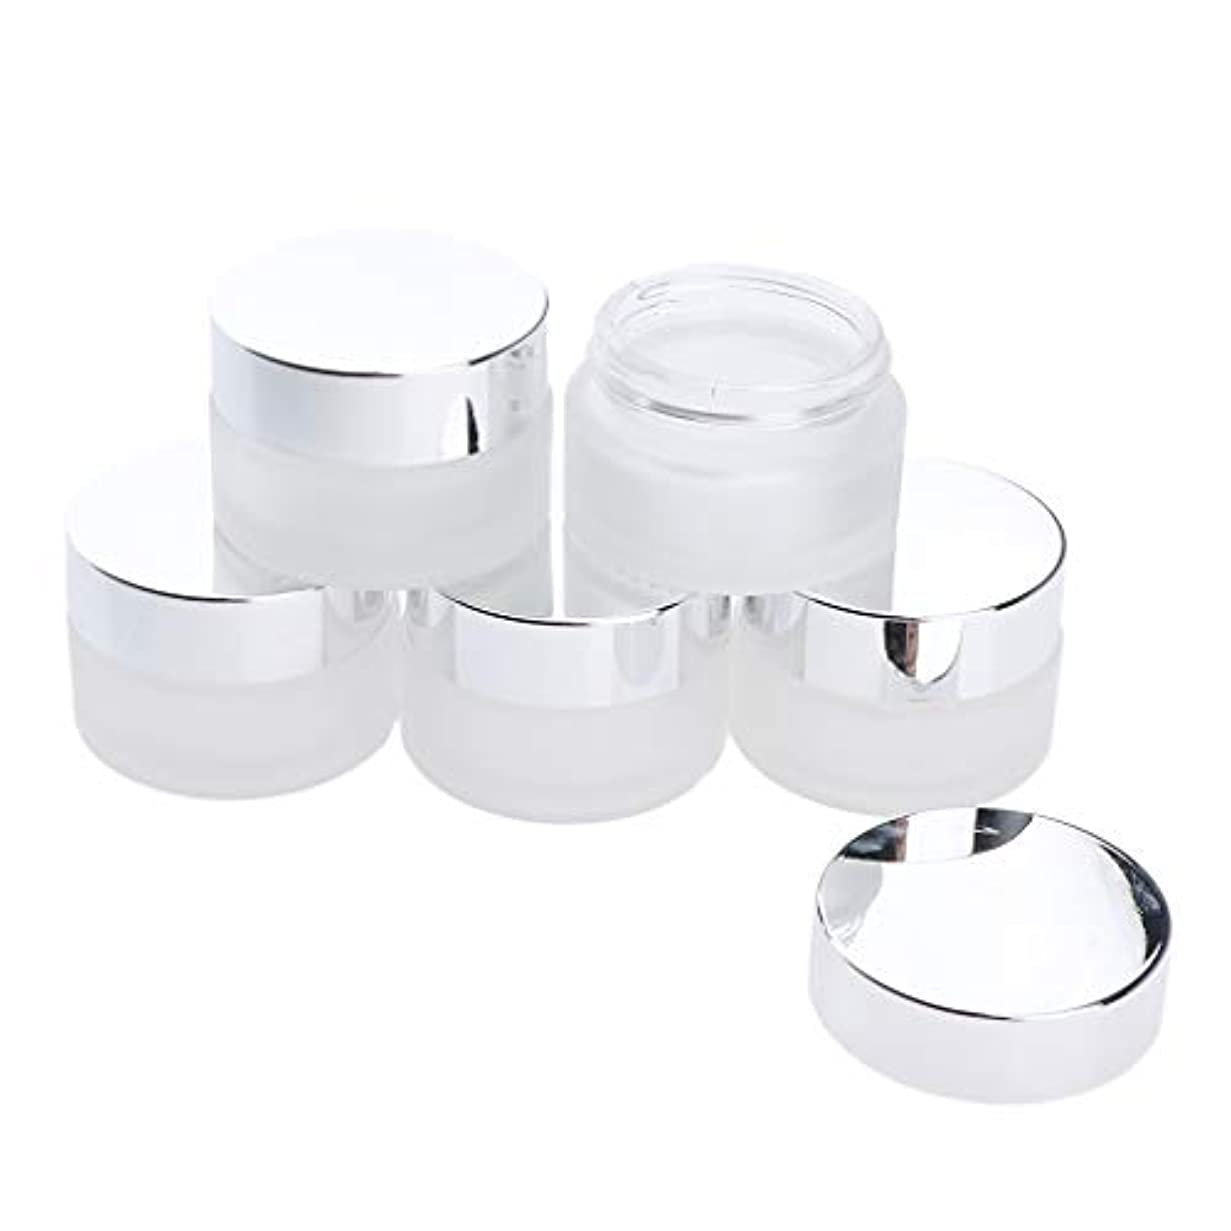 回路待つ同級生5本 ガラス瓶 メイクアップ フェイスクリーム オイル DIY 小分け容器 2サイズ選べ - 20g